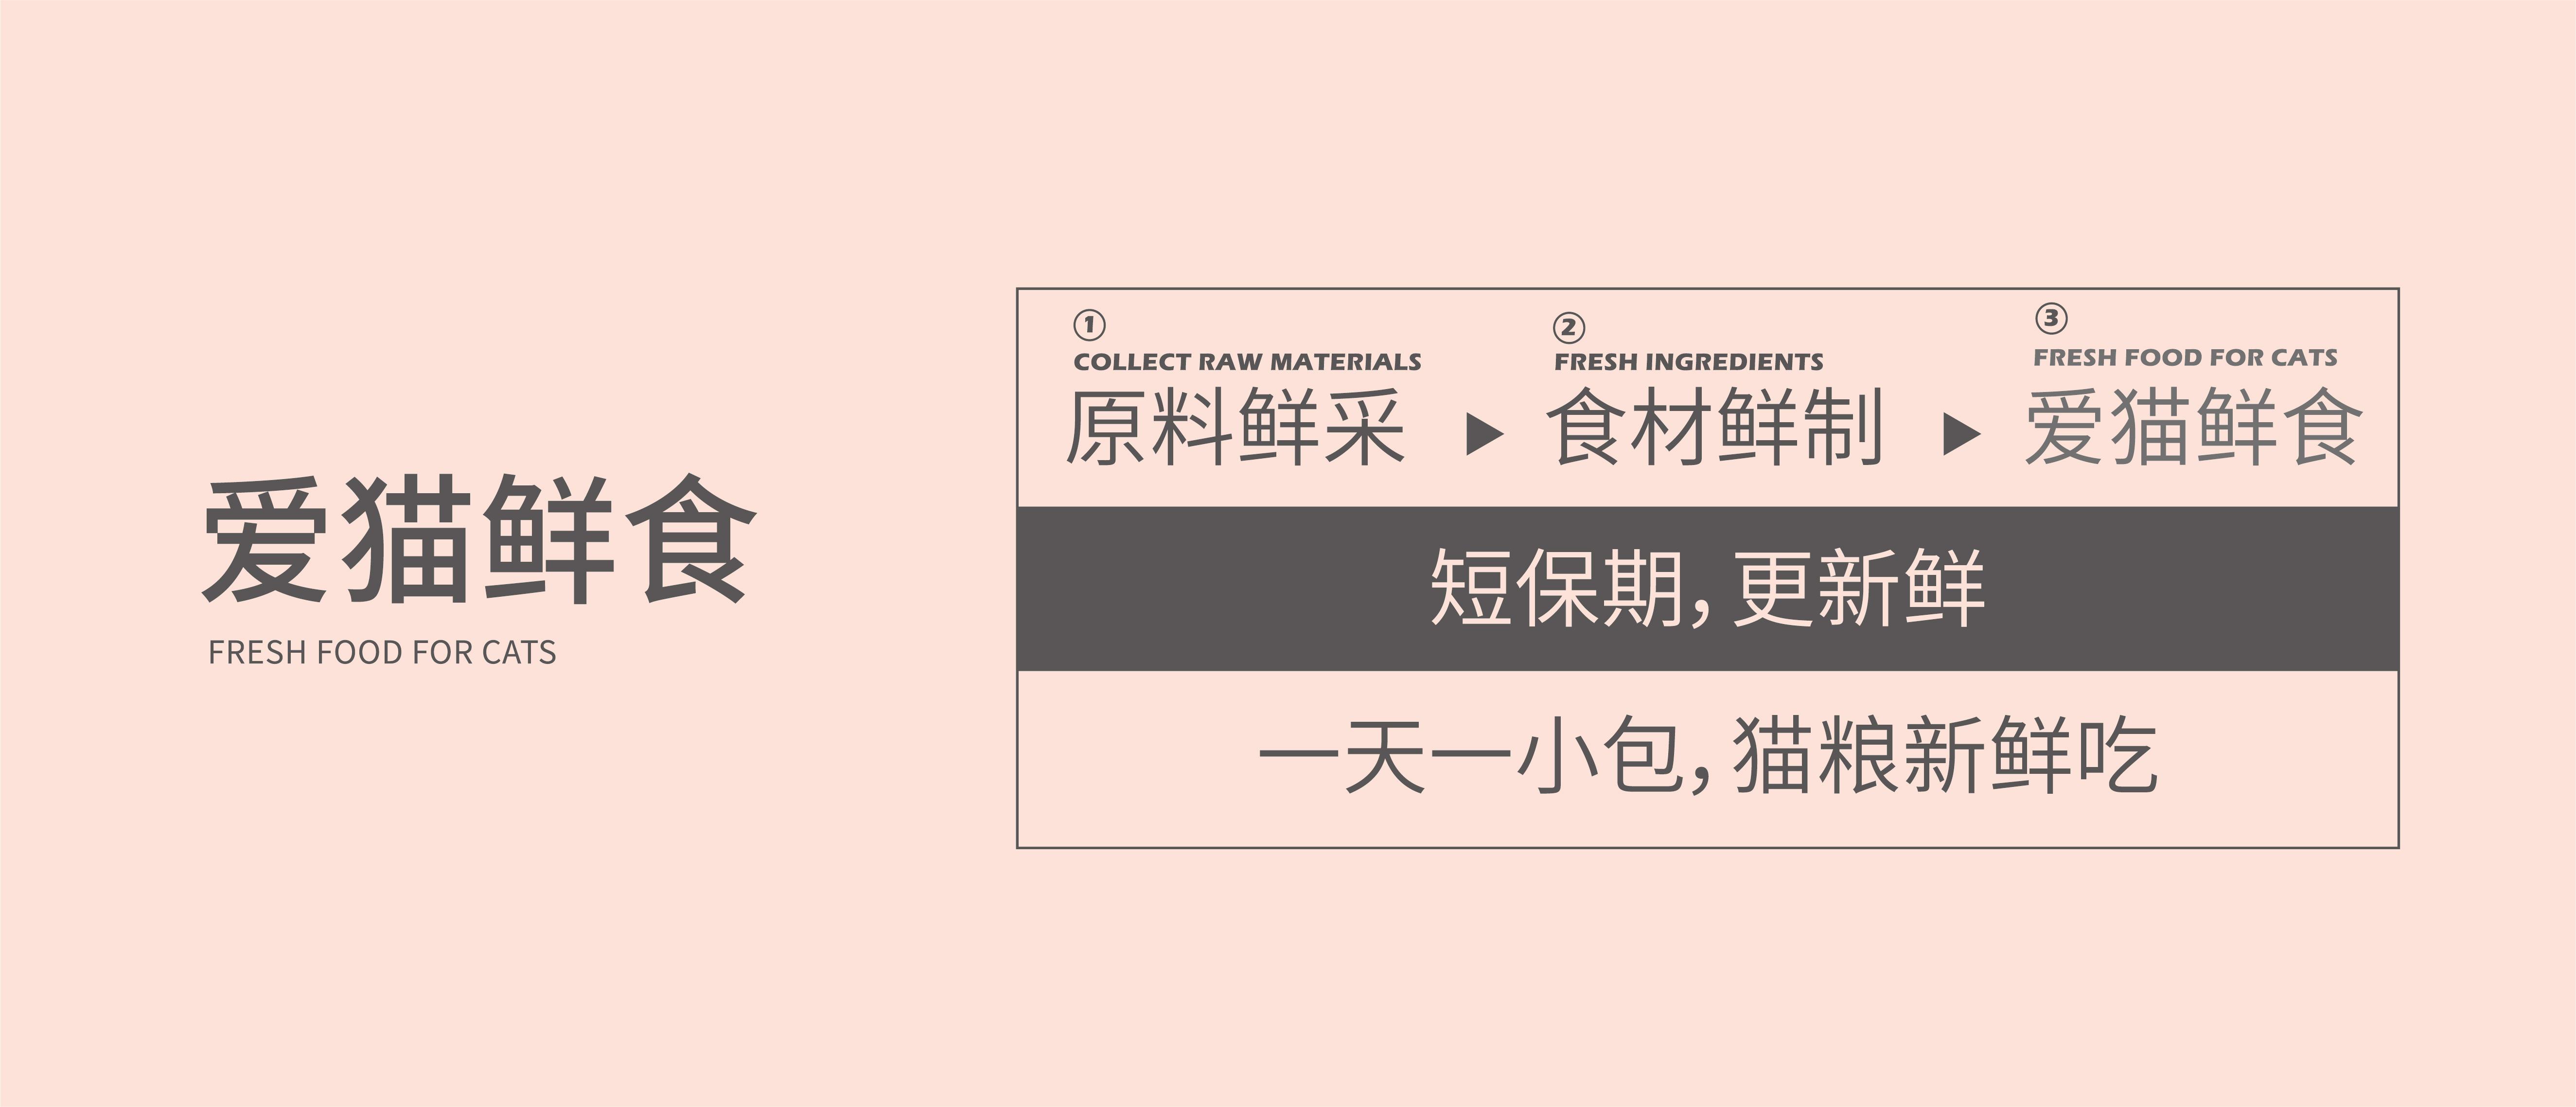 未标题-1_画板 1.jpg